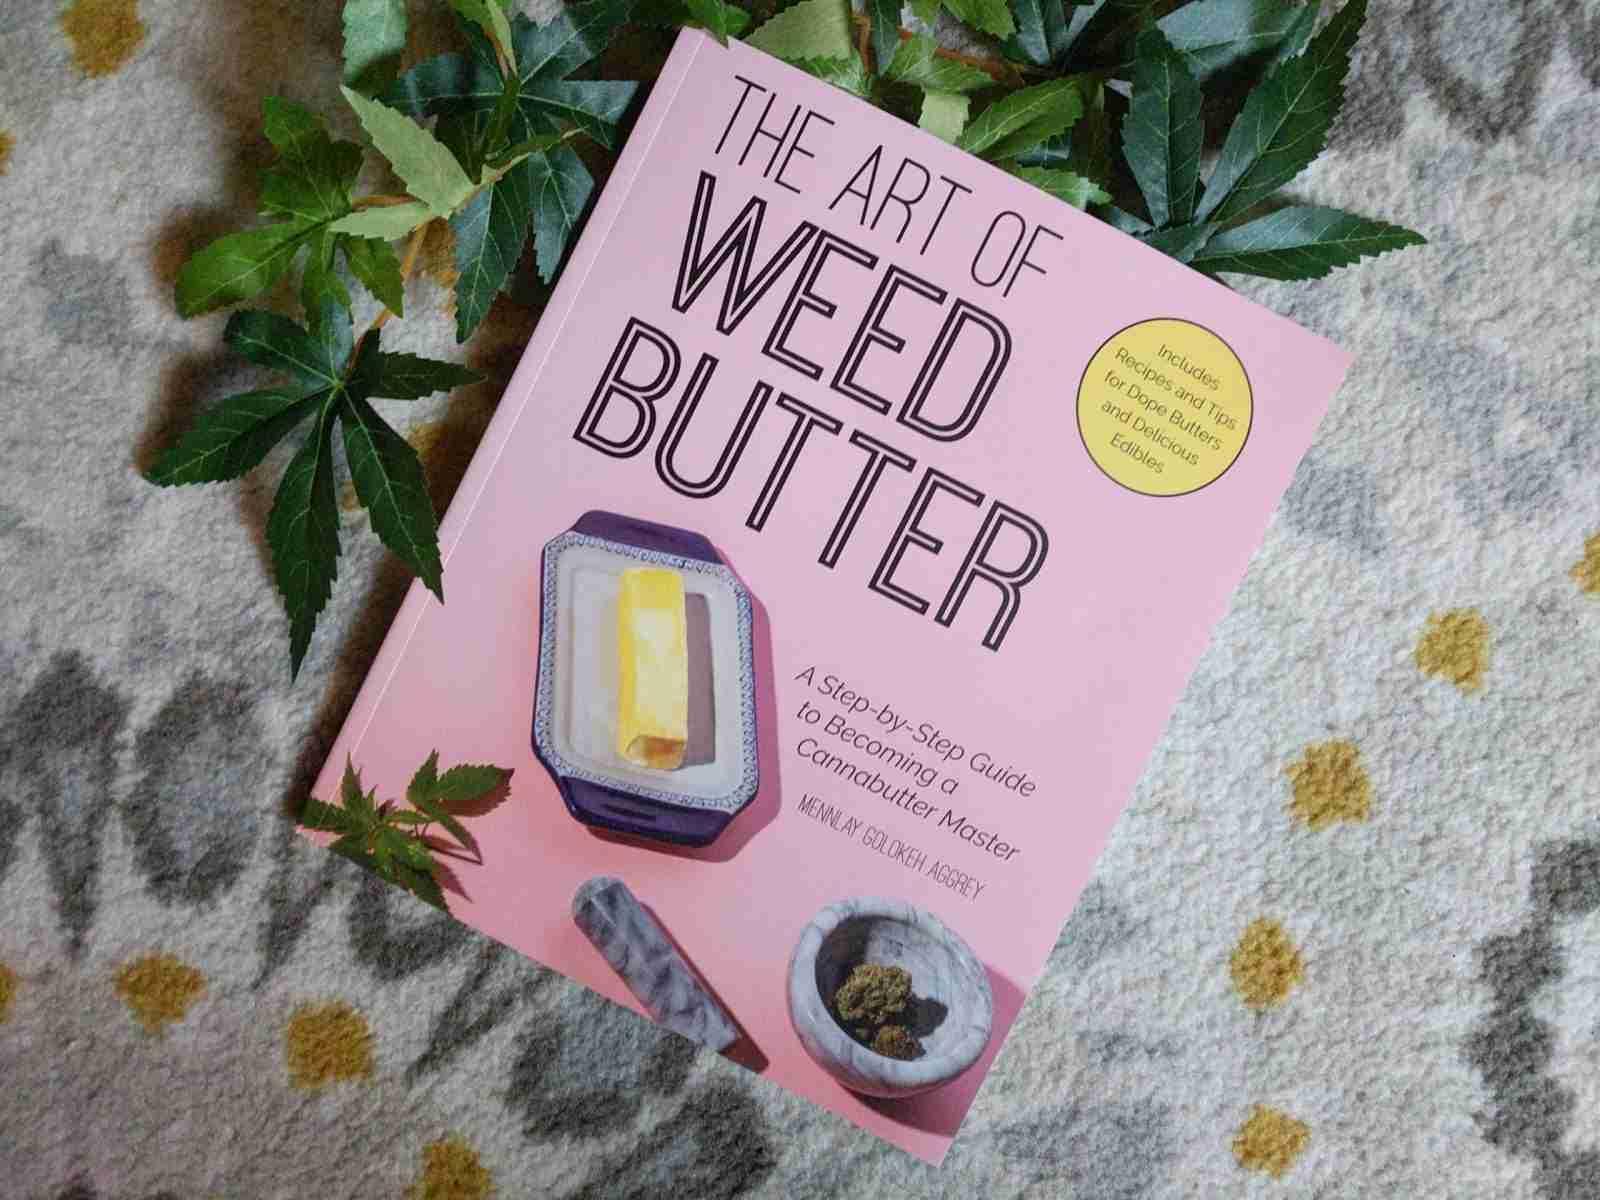 Art Of Butter Cannabis Book